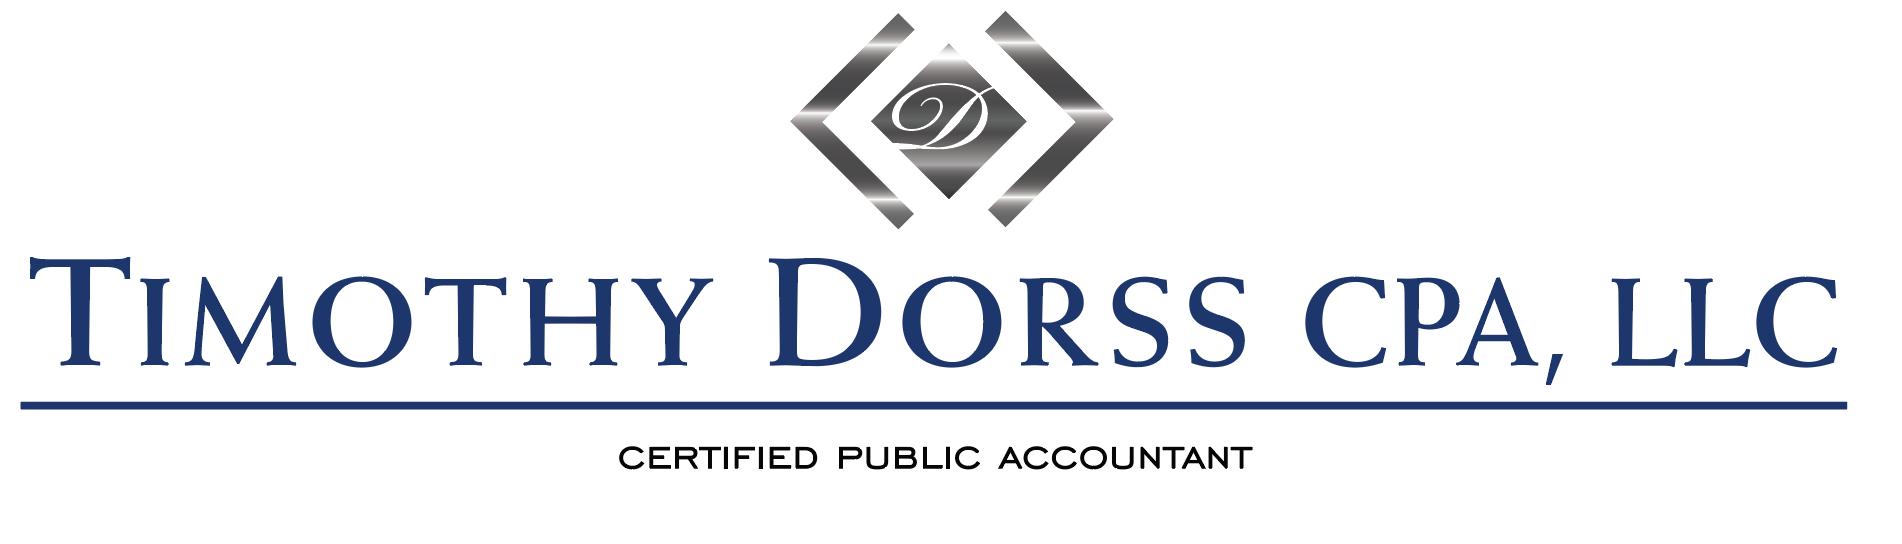 Timothy Dorss CPA, LLC